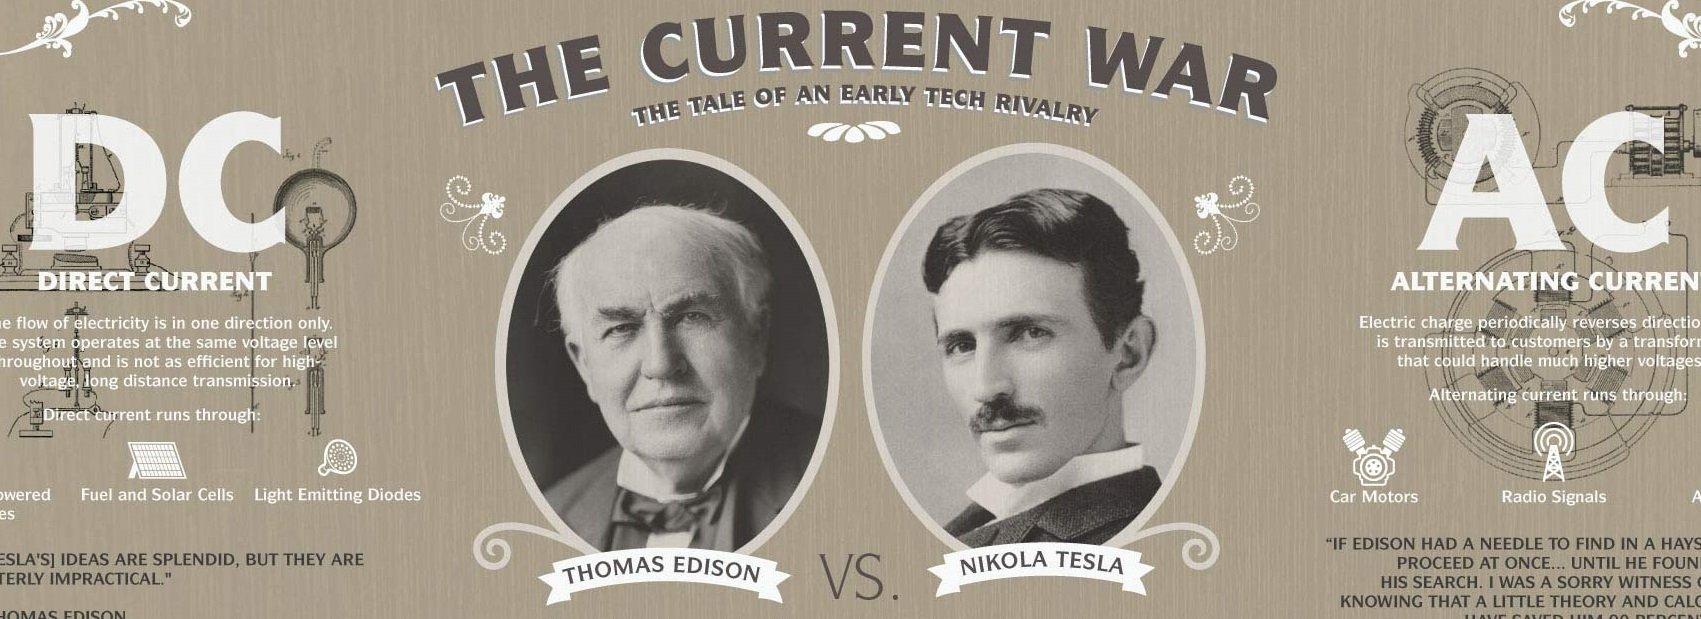 Elektrik sahəsinin iki dahi şəxsiyyəti arasındakı müharibə. Nikola Tesla, Thomas Edison-a qarşı. Bu müharibədə kim qalib gəldi?